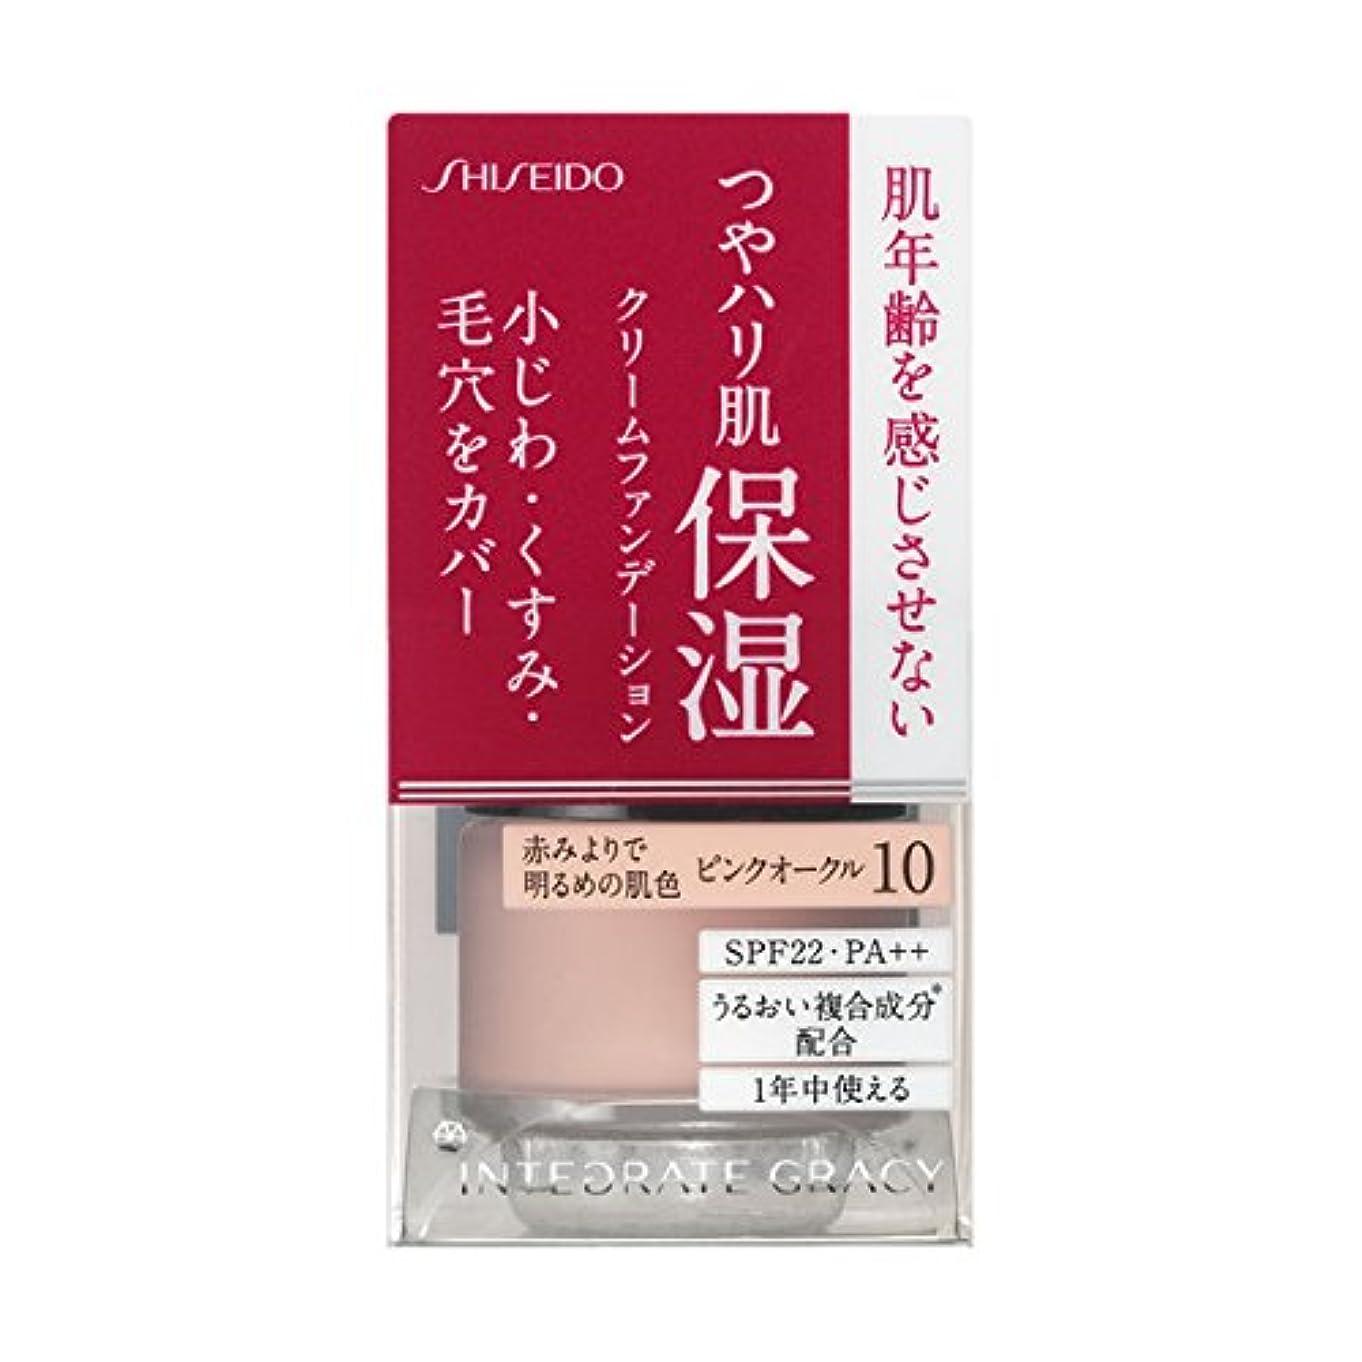 フラスコ可聴幻滅する資生堂 インテグレート グレイシィ モイストクリーム ファンデーション ピンクオークル10 PO10